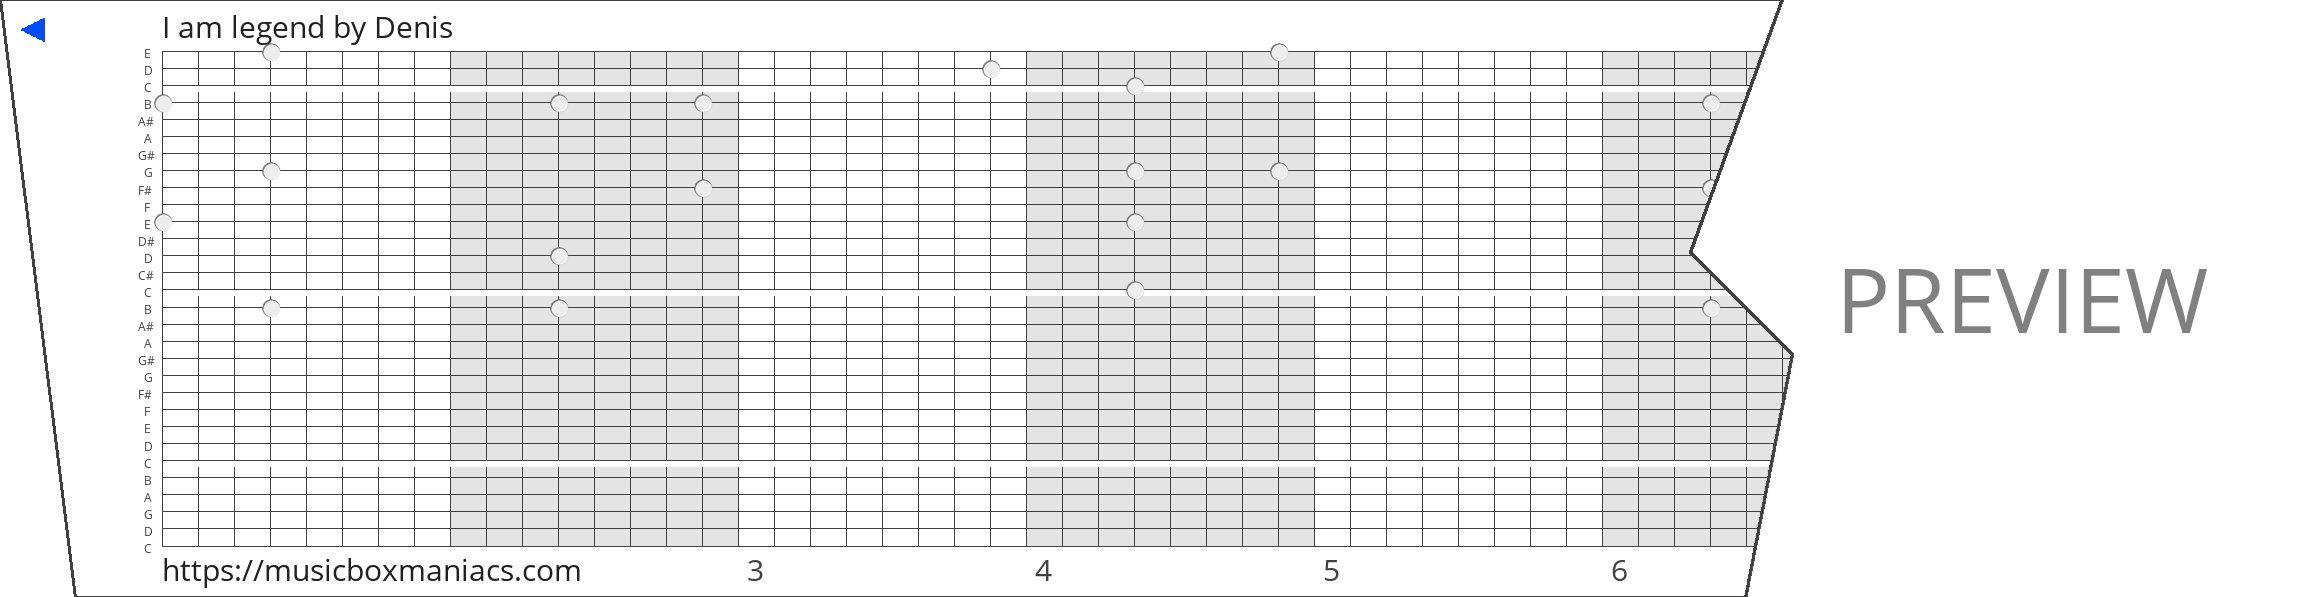 I am legend 30 note music box paper strip